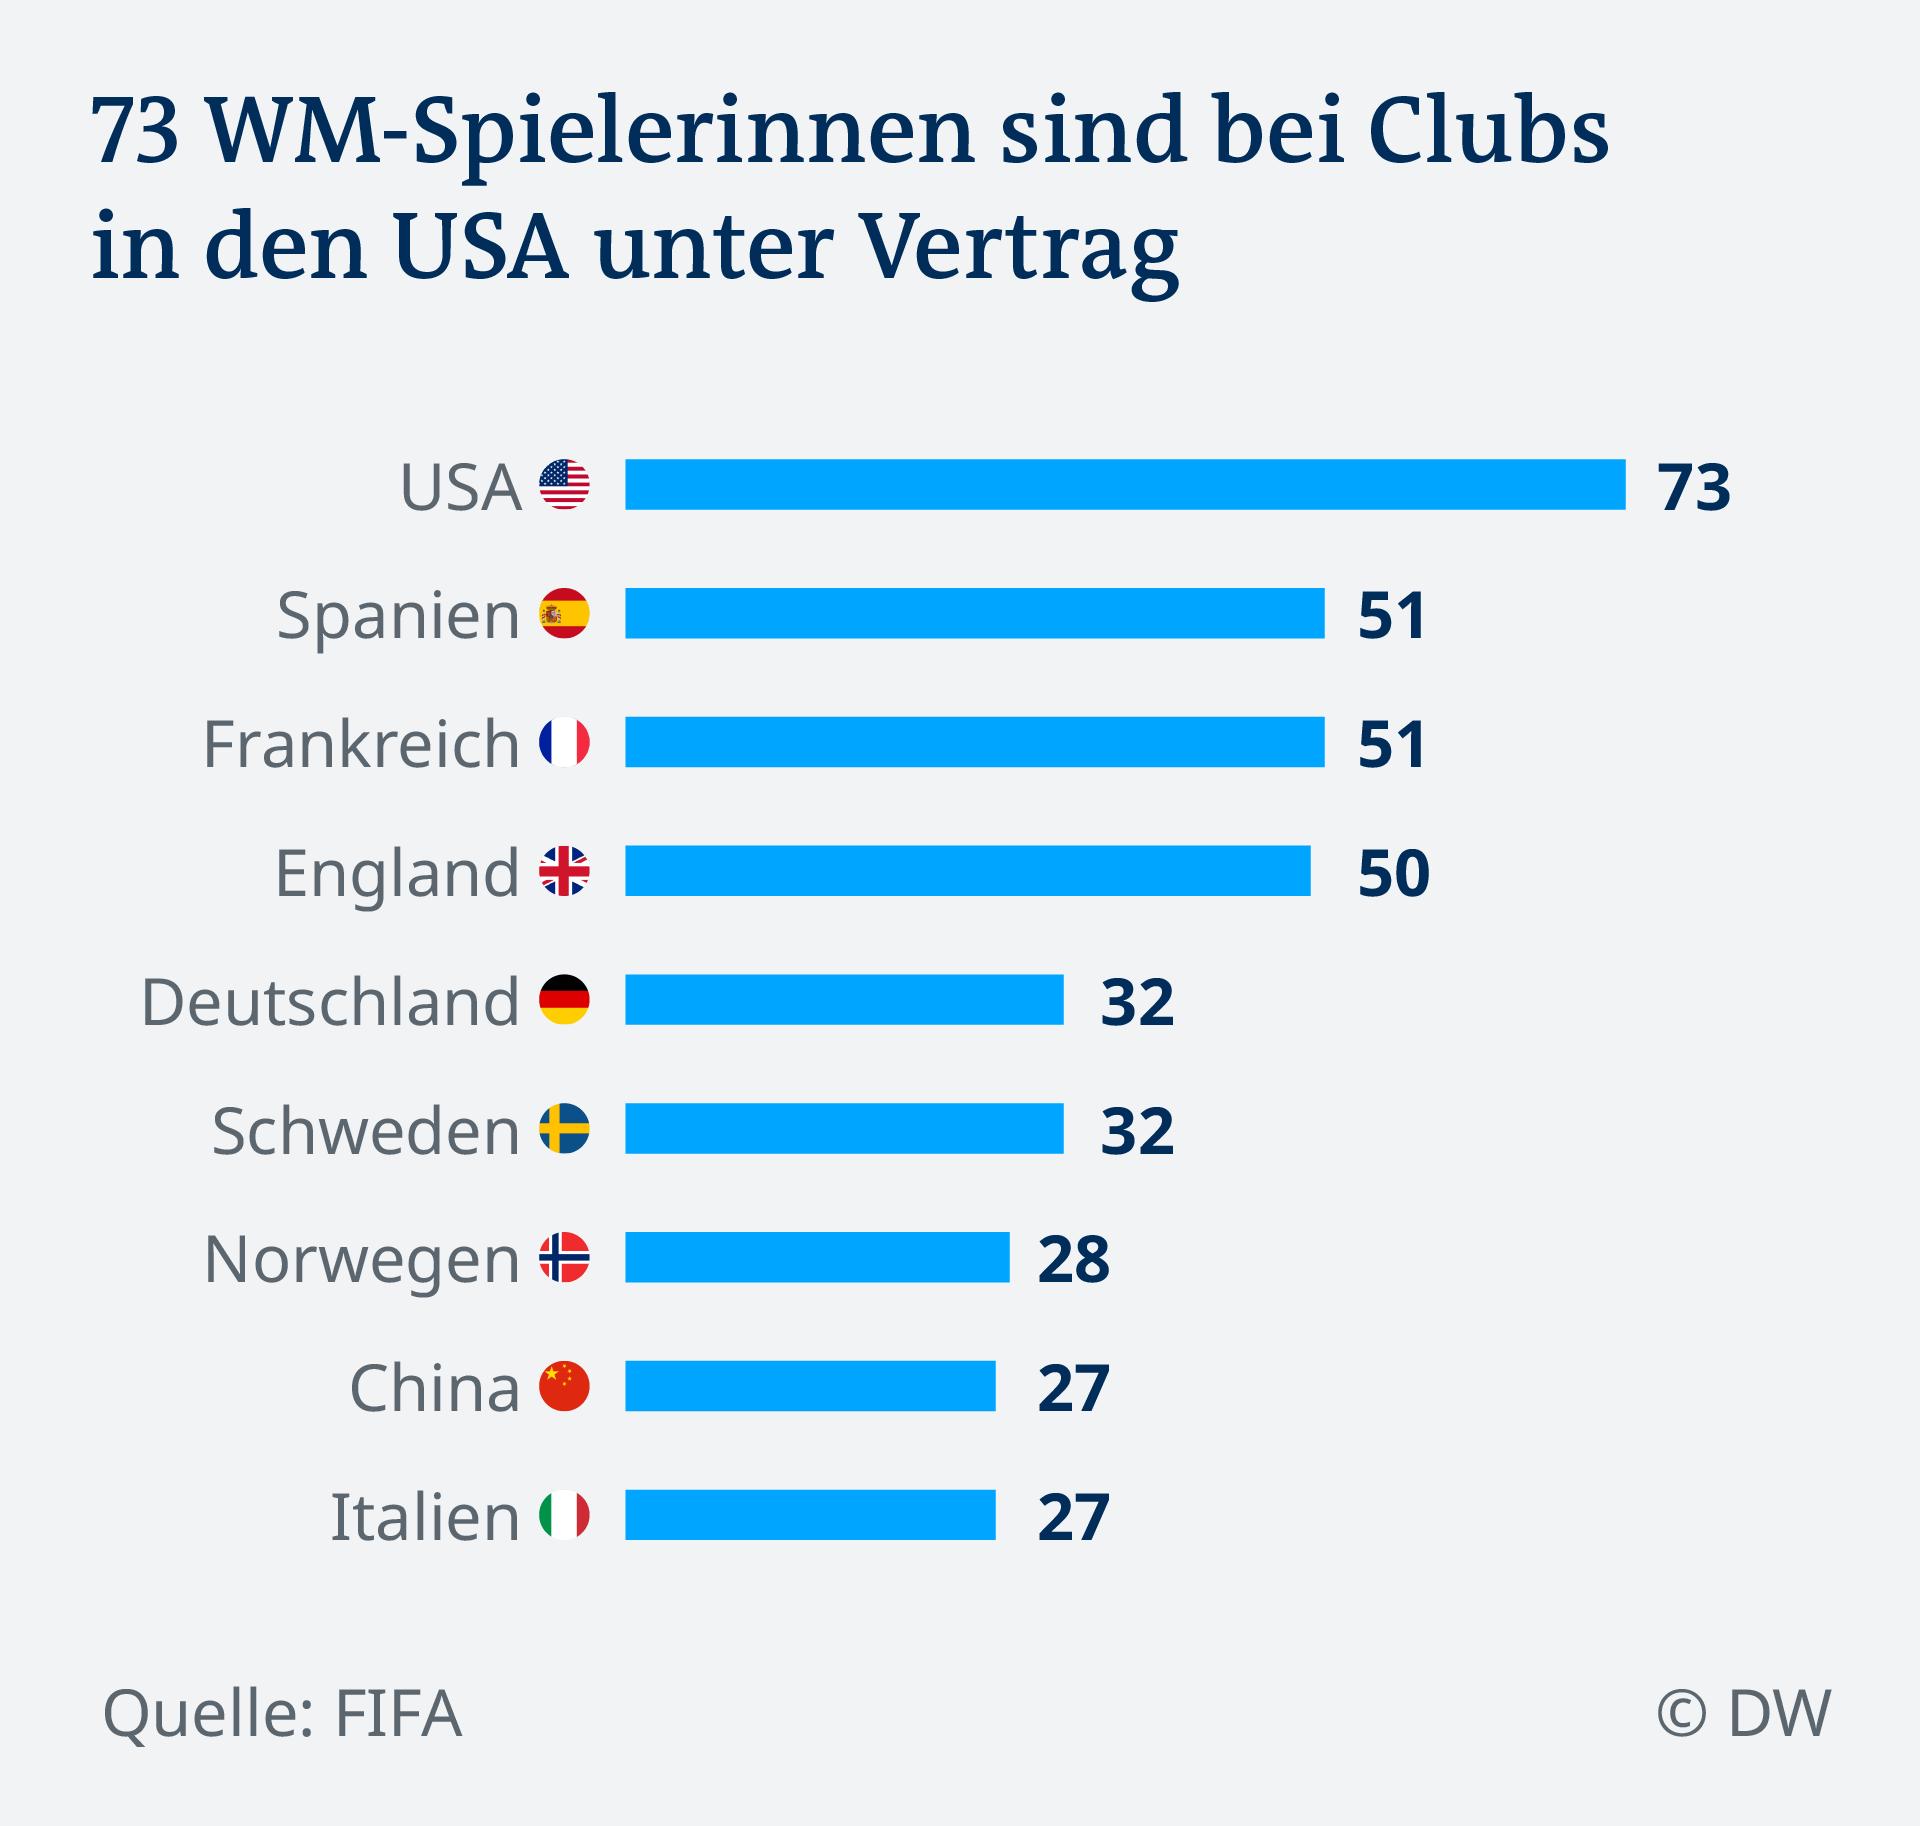 Data visualization Women's World Cup 2019 Datenvisualisierung Frauenfußball-WM 2019 Spielerinnen nach Club-Ländern